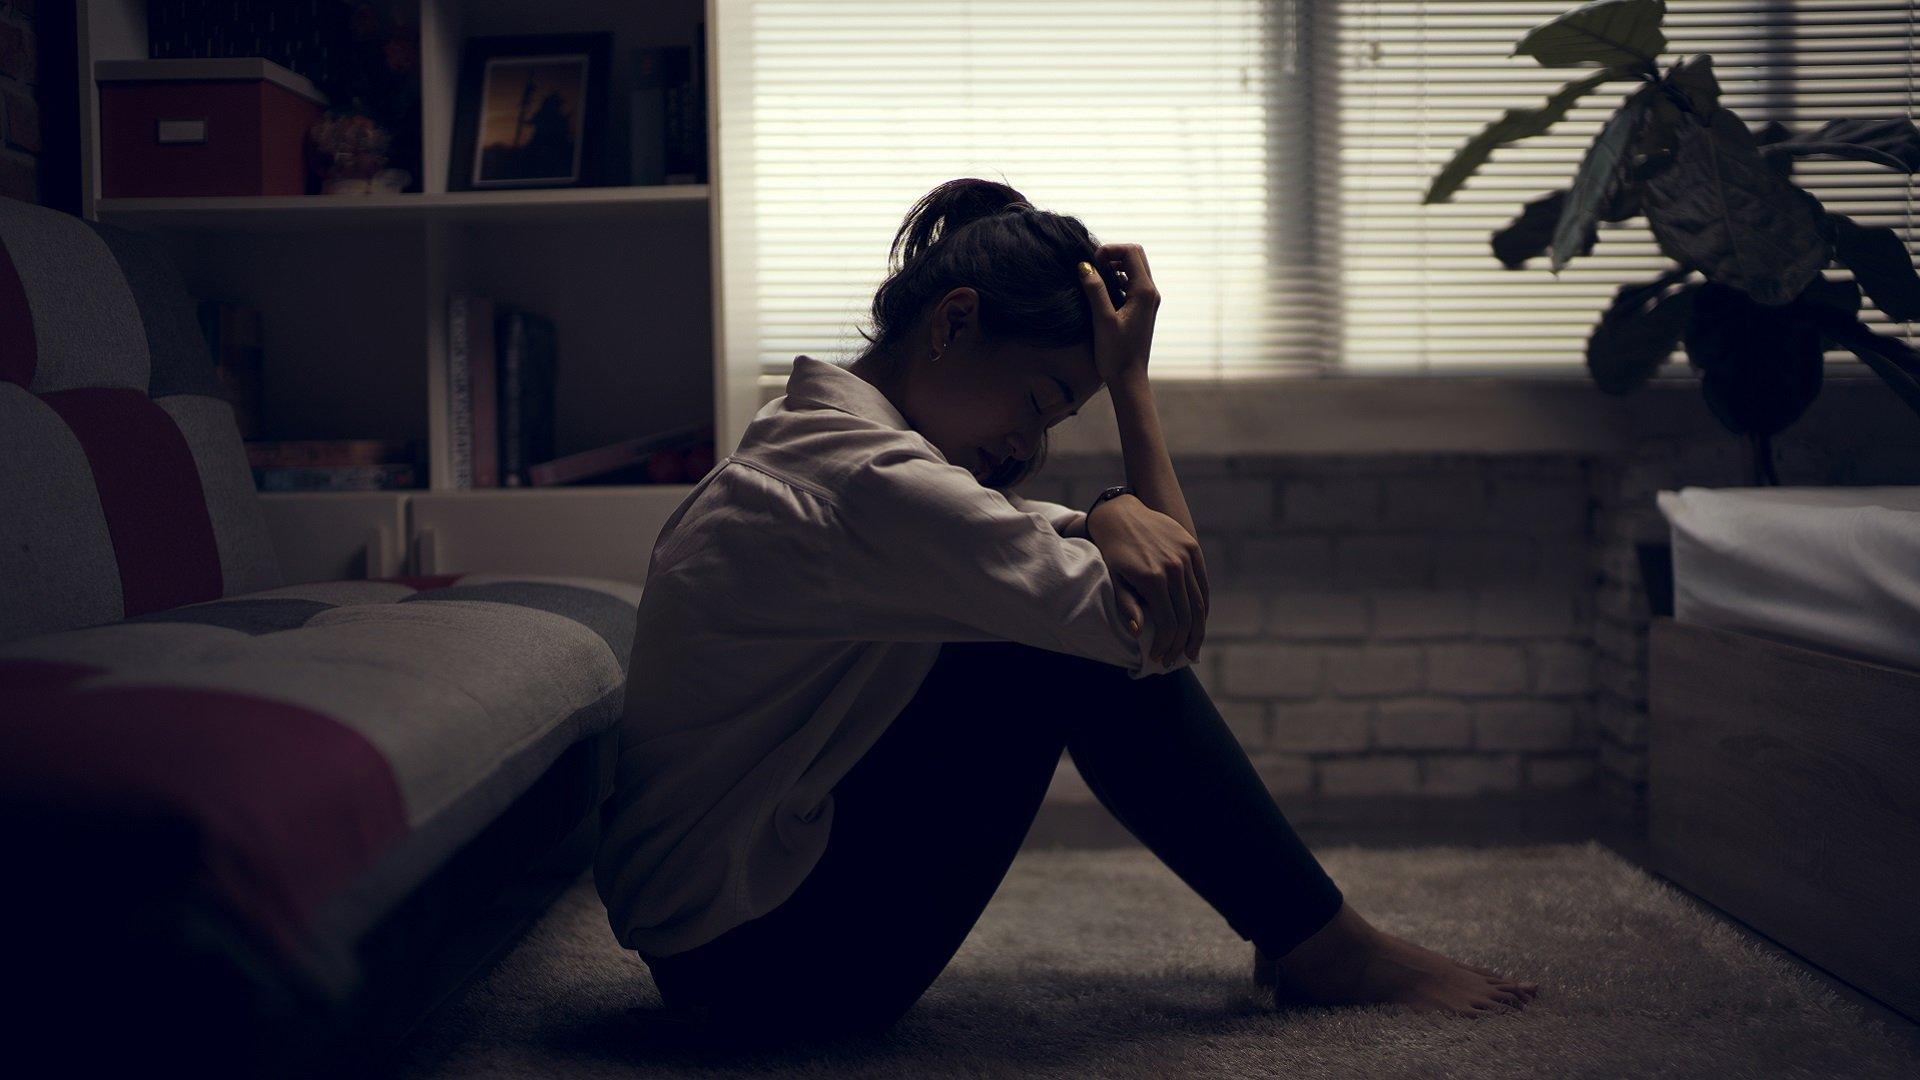 Depressão: 5 sinais que mostram algo errado